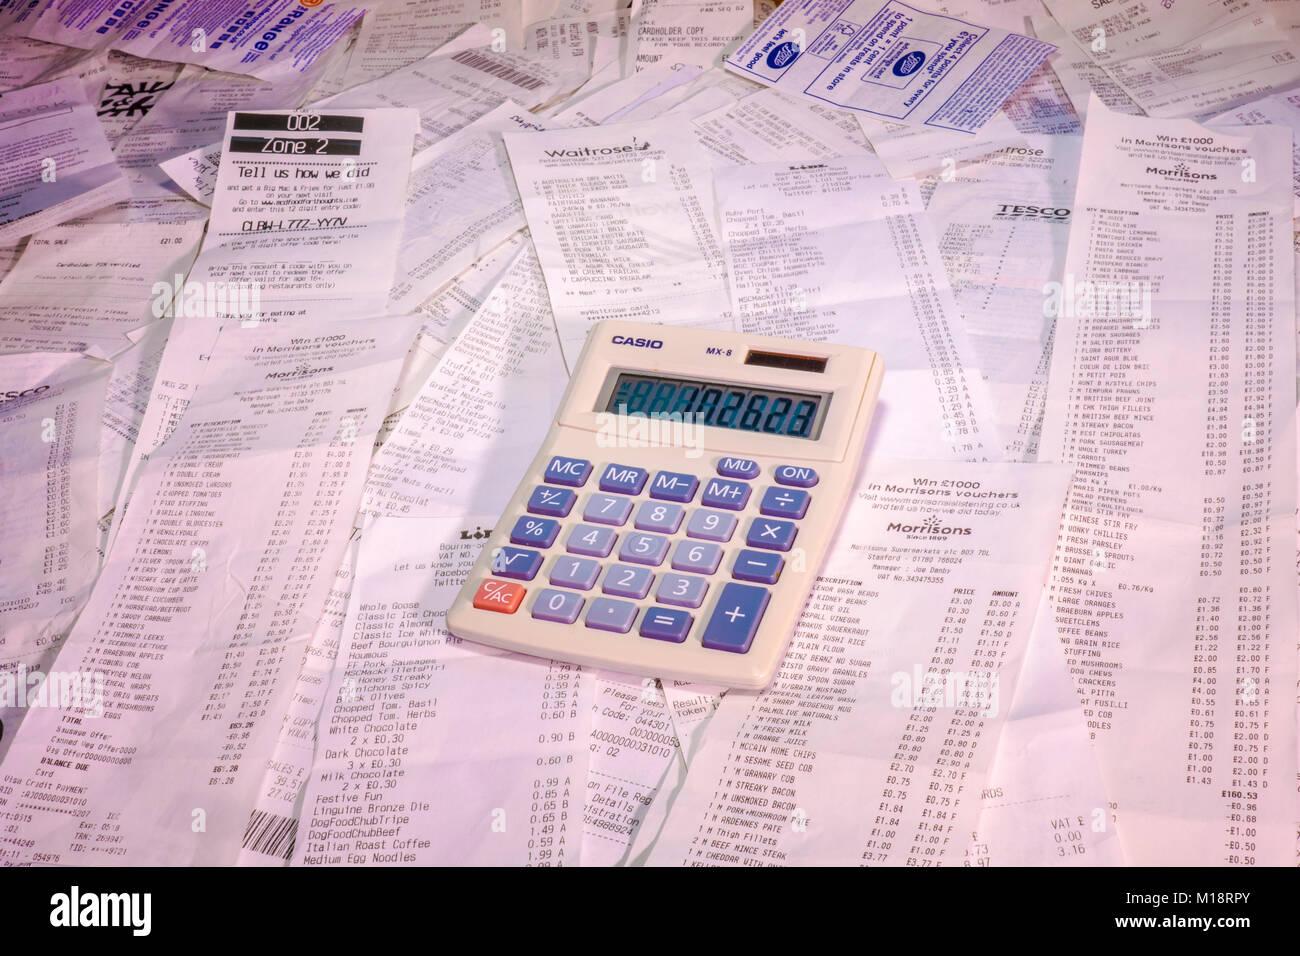 Une pile de factures / reçus shopping détaillée pour des achats multiples, principalement dans les Photo Stock